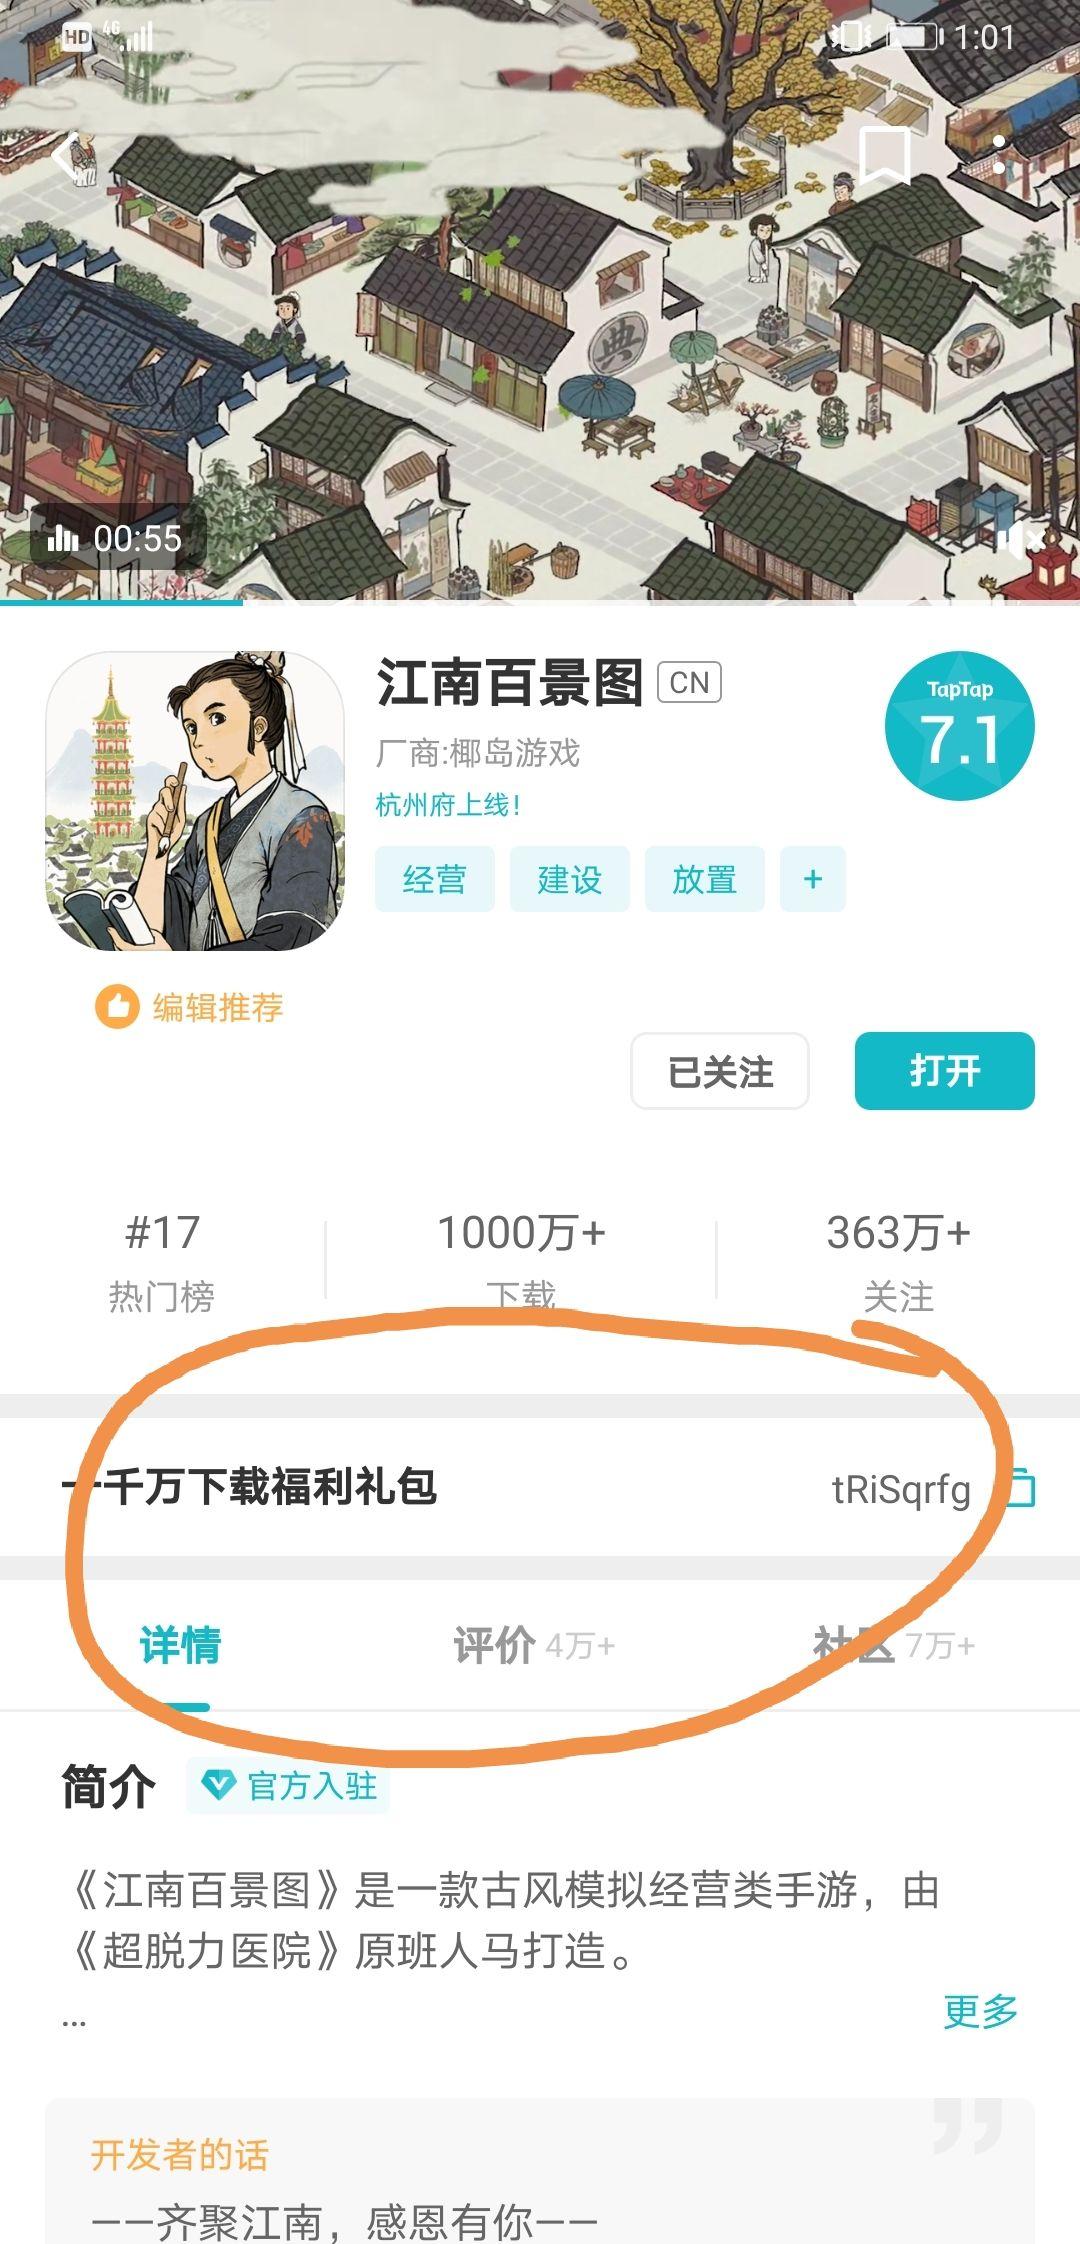 江南百景图千万下载有什么福利 1000万下载礼包兑换码分享